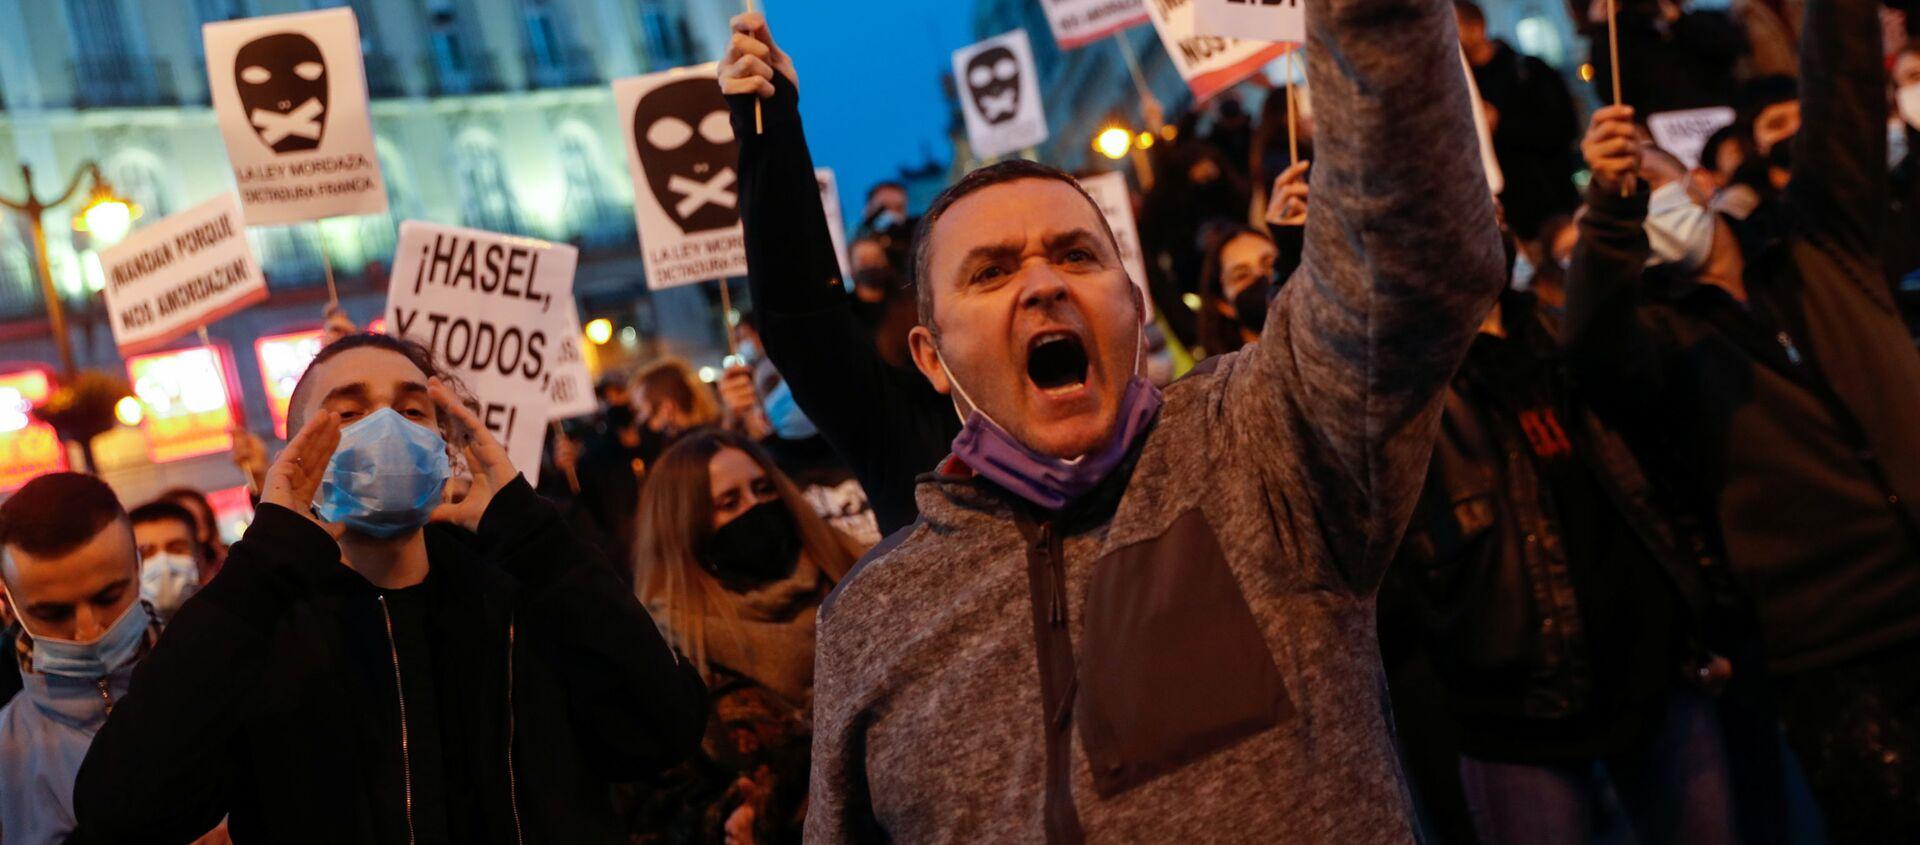 Сторонники сторонников рэпера Пабло Хазеля на акции протеста в Мадриде, Испания - Sputnik Italia, 1920, 28.02.2021